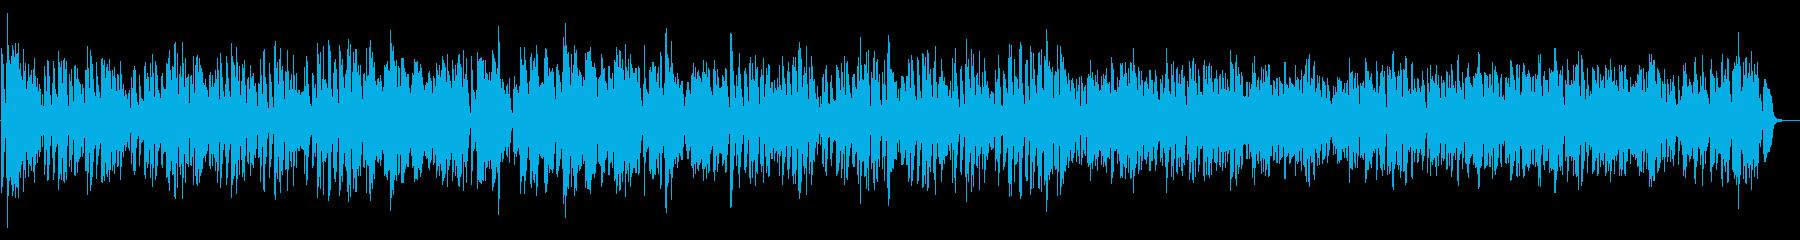 ボギー大佐 木琴とピアノ ホールの再生済みの波形